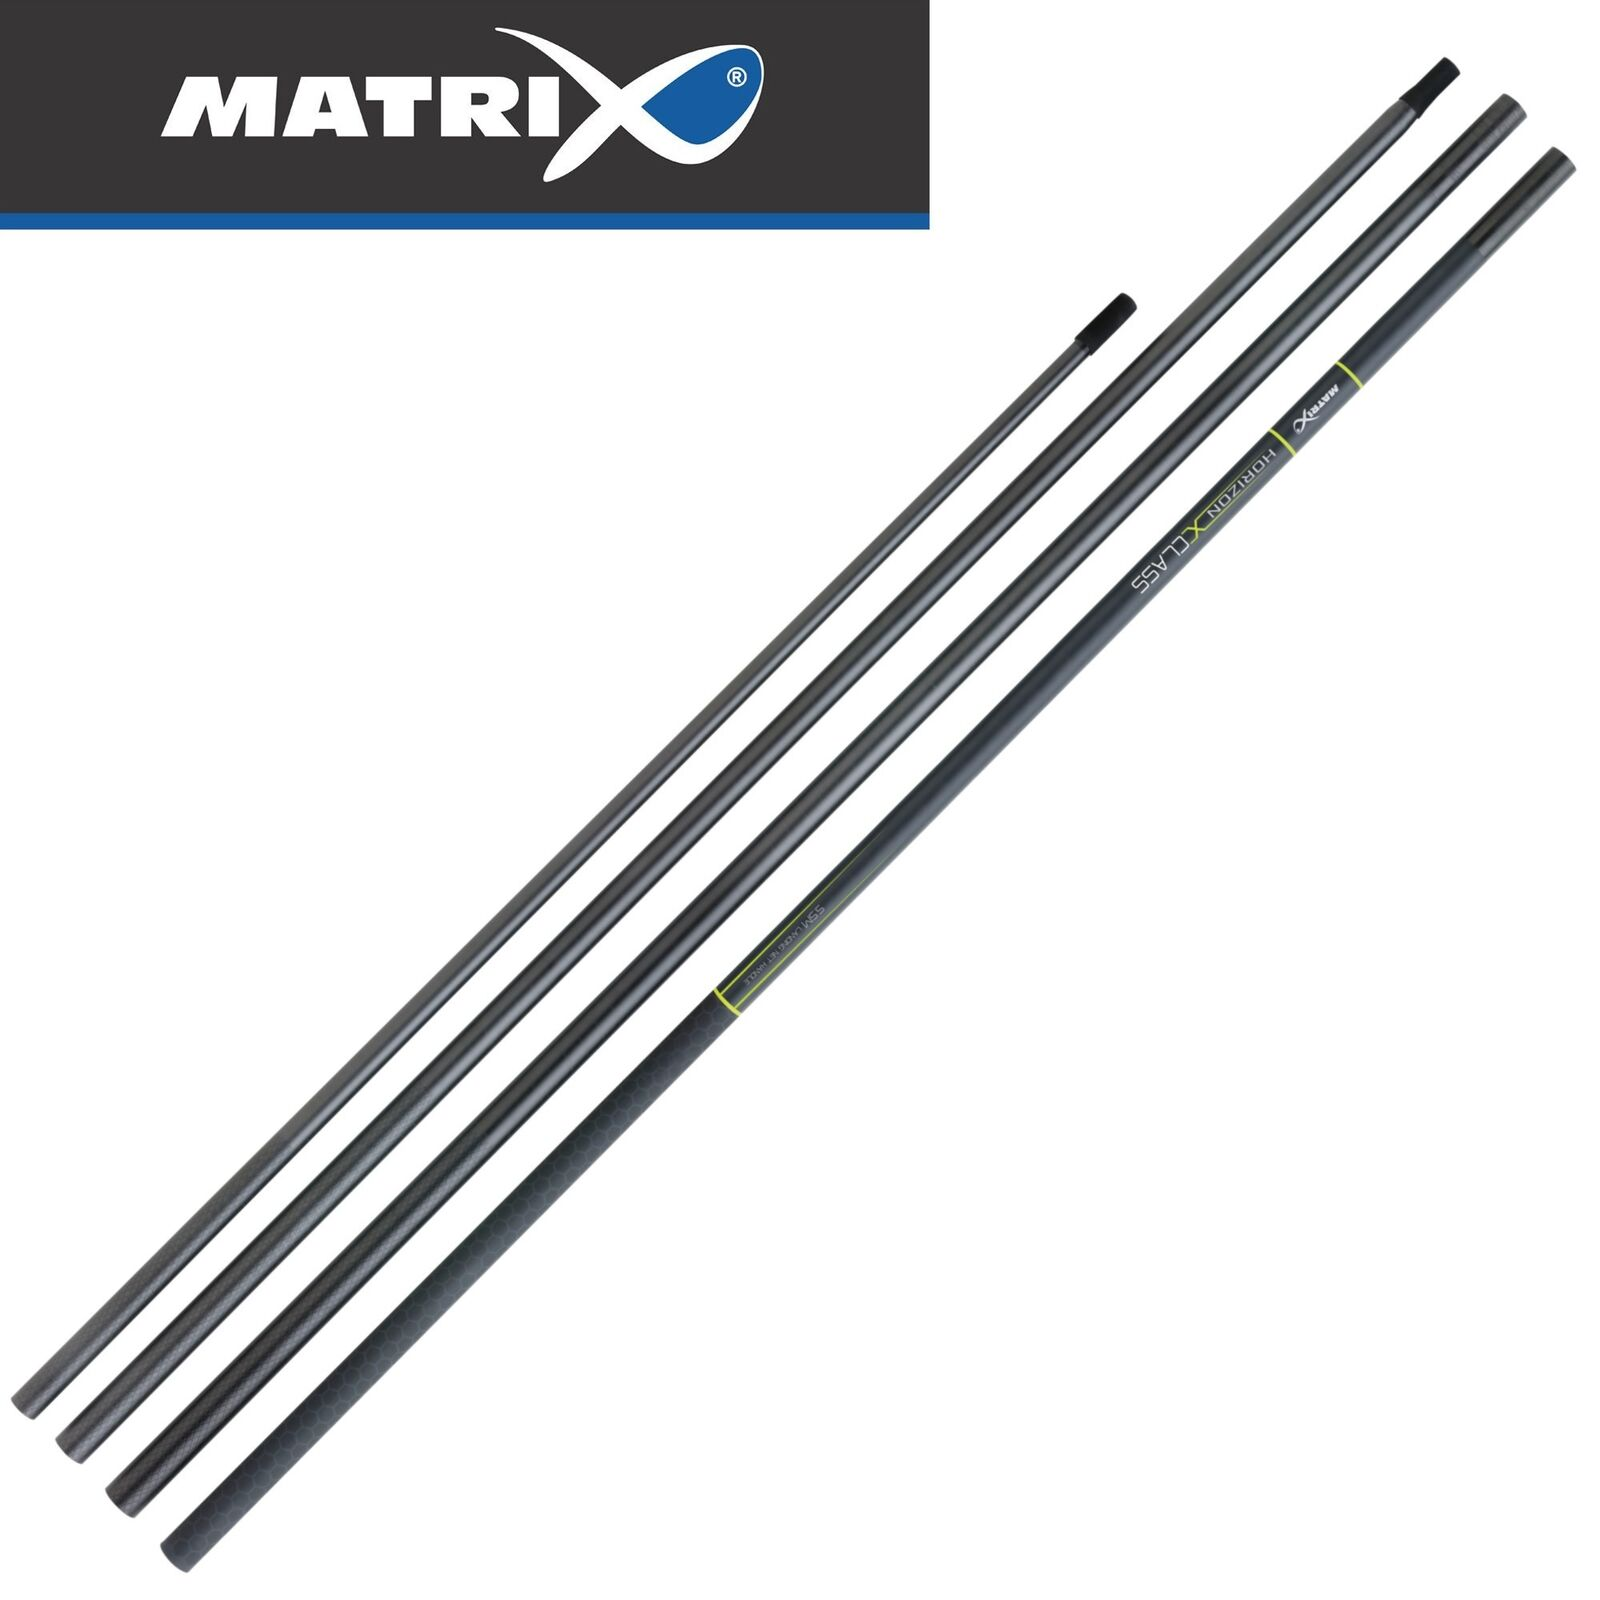 Fox Matrix Horizon X class landing net handle 5 5m - Kescherstab für Kescher